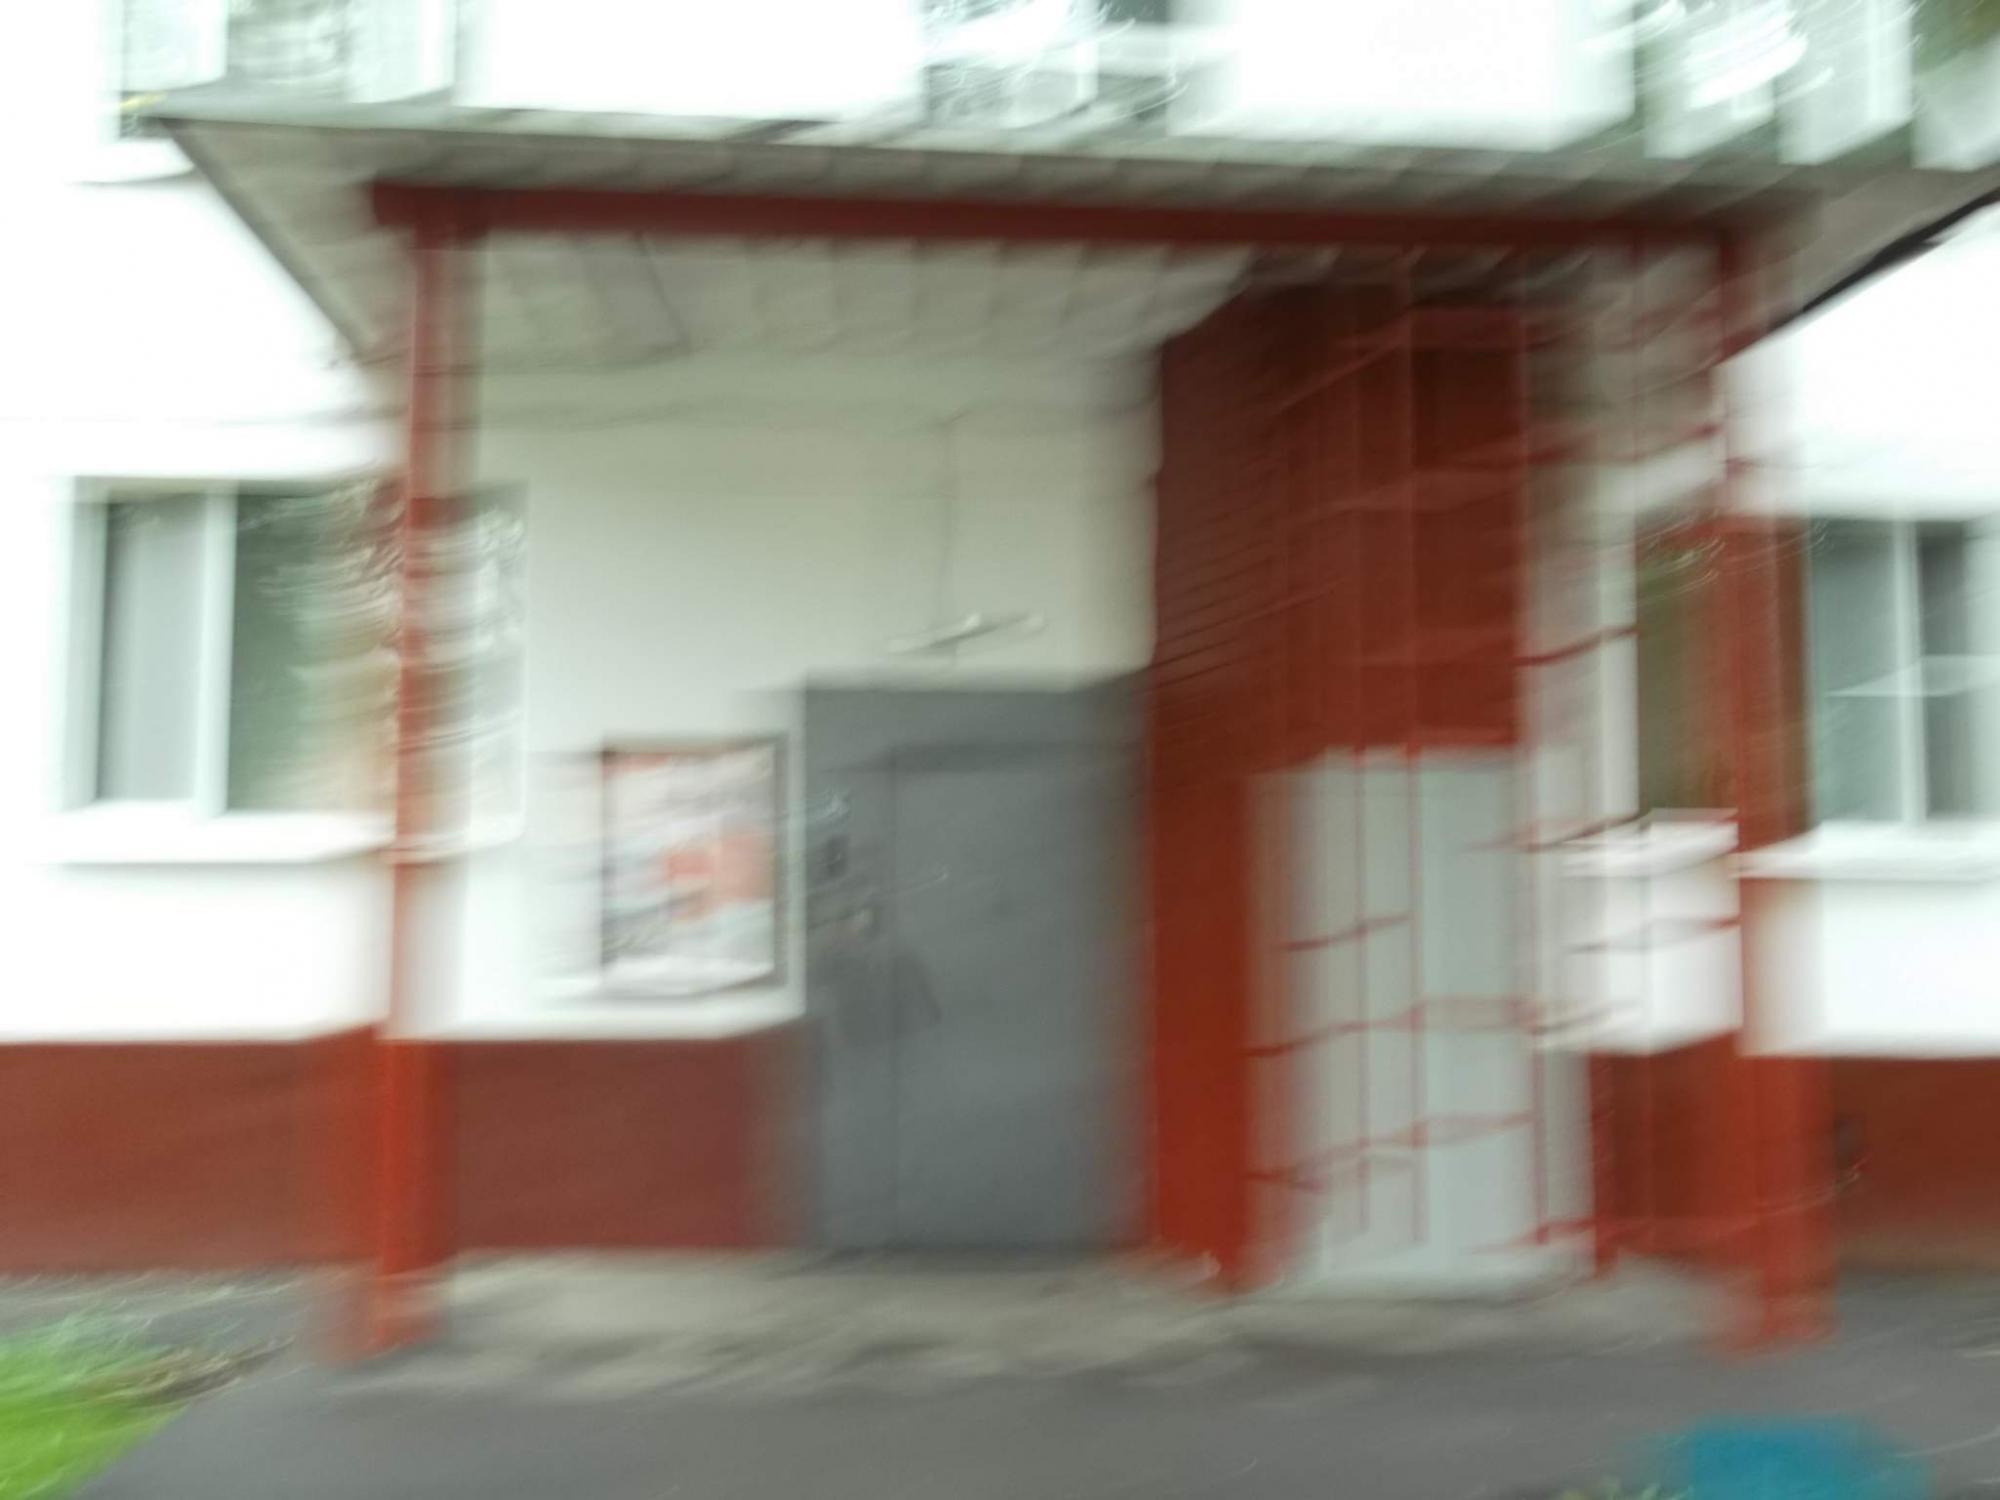 Квартира, 1 комната, 34.9 м² в Москве 89264030161 купить 4